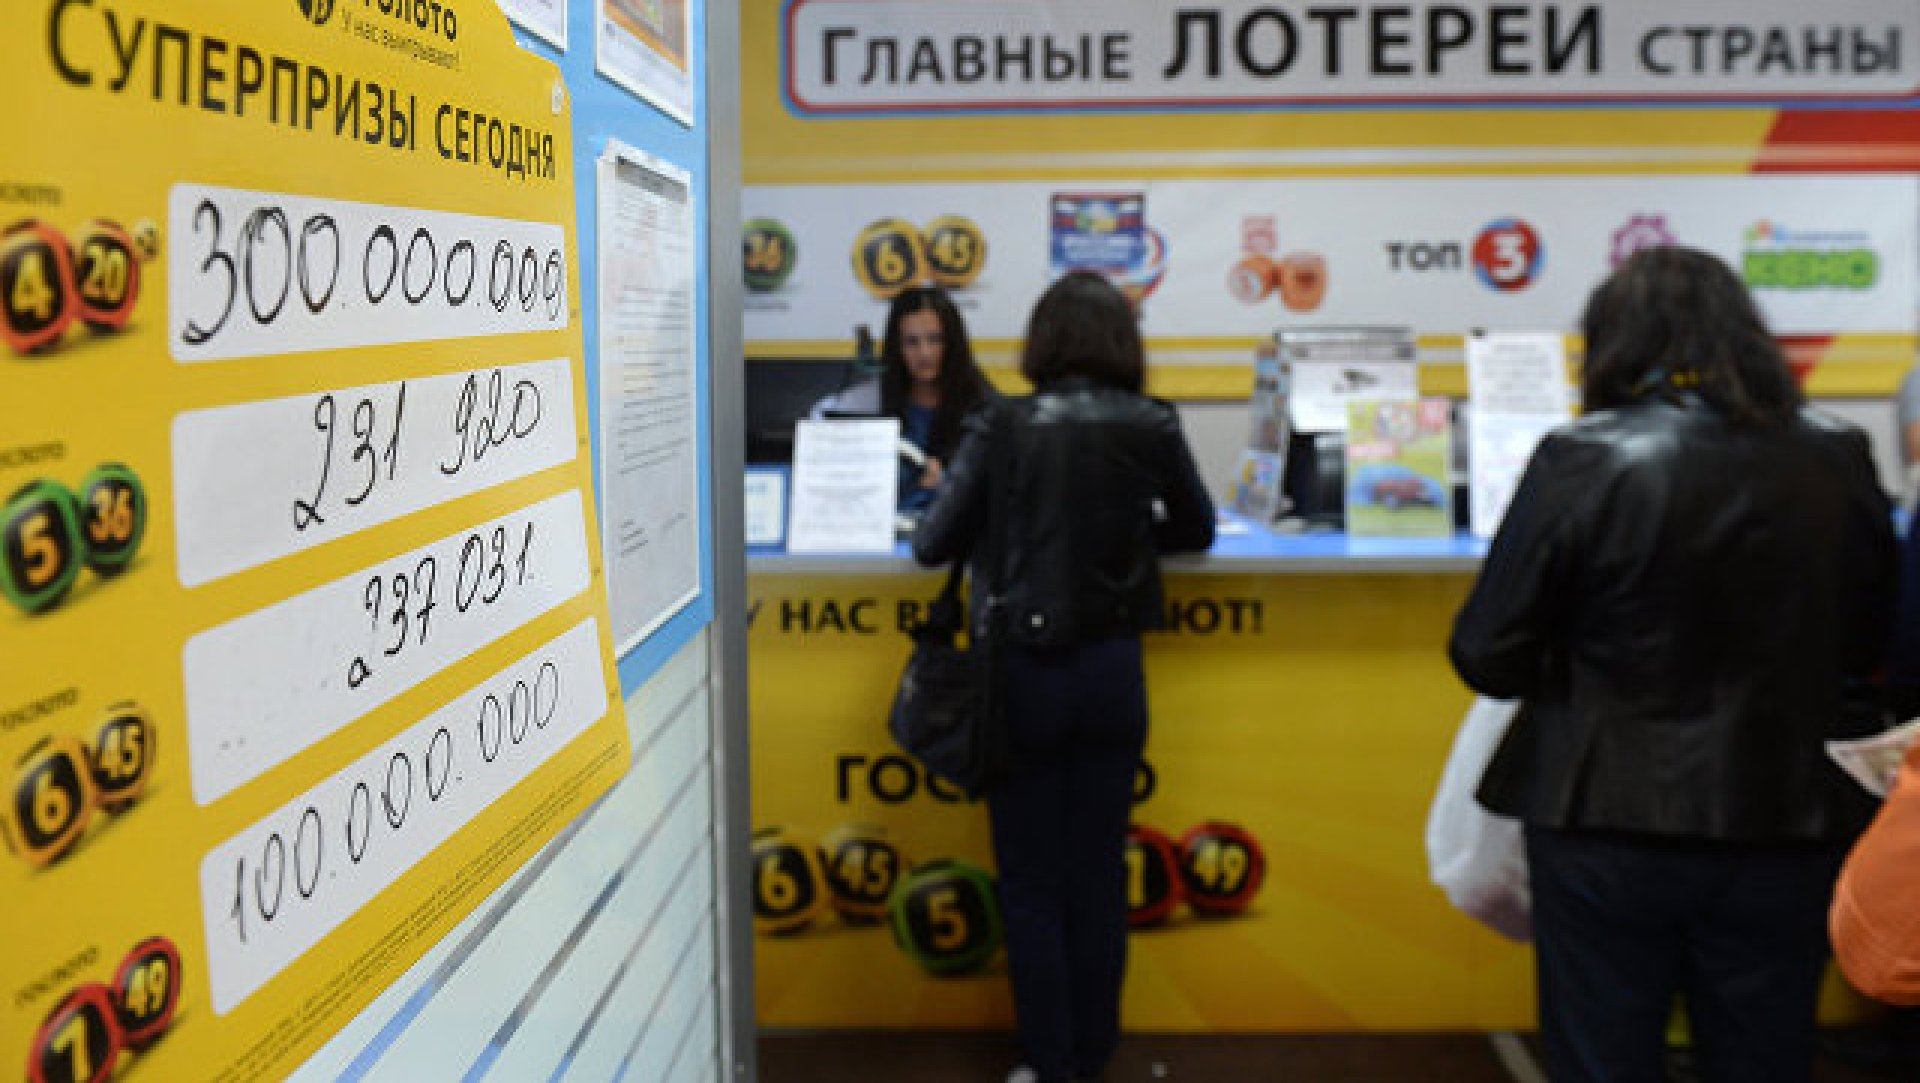 Житель воронежа выиграл в лотерею полмиллиарда